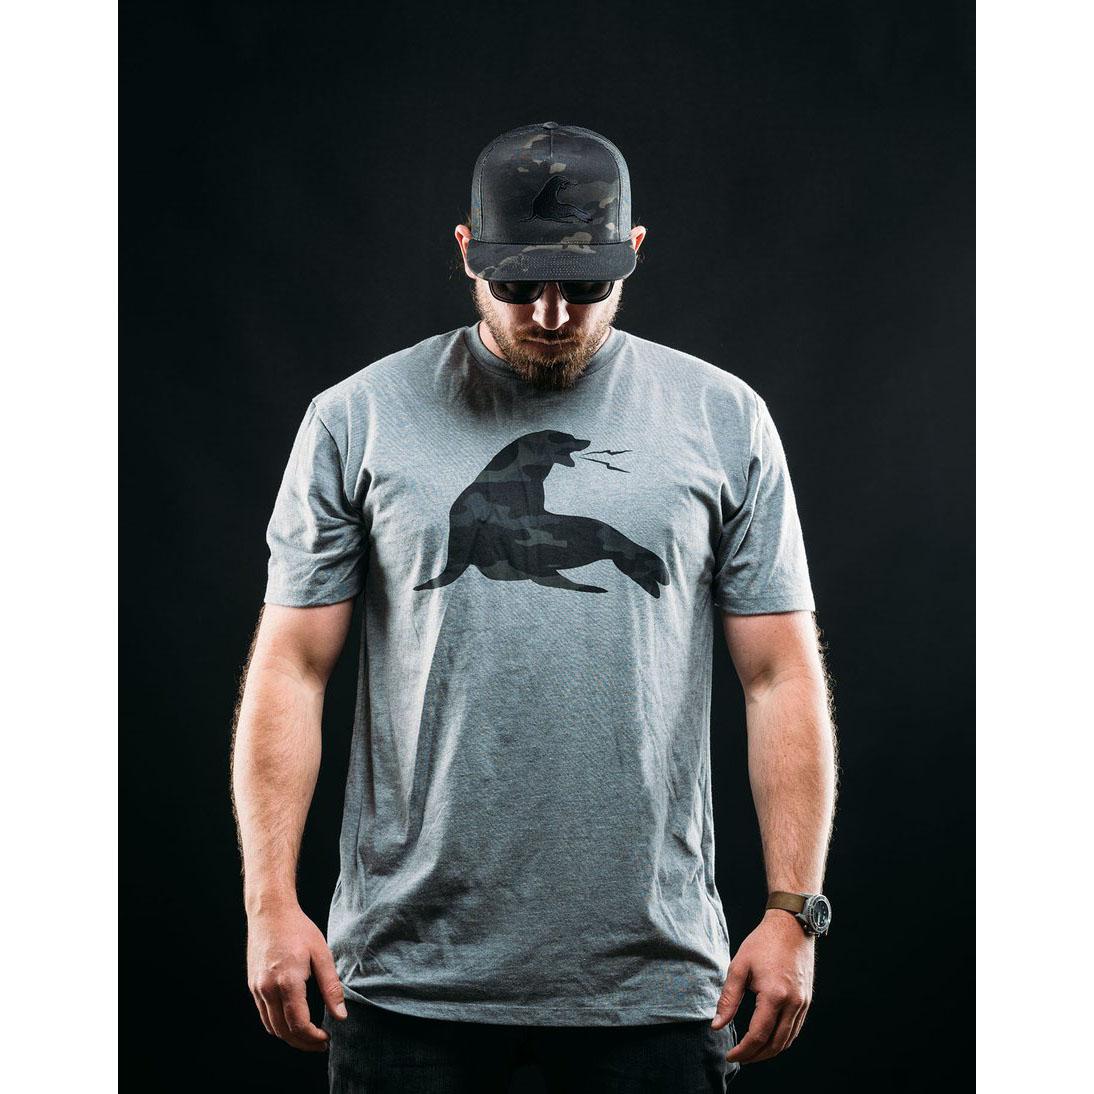 21030528-18 URT CLOTHING ビッグURT Tシャツ *グレー・マルチカムブラック/Mサイズ